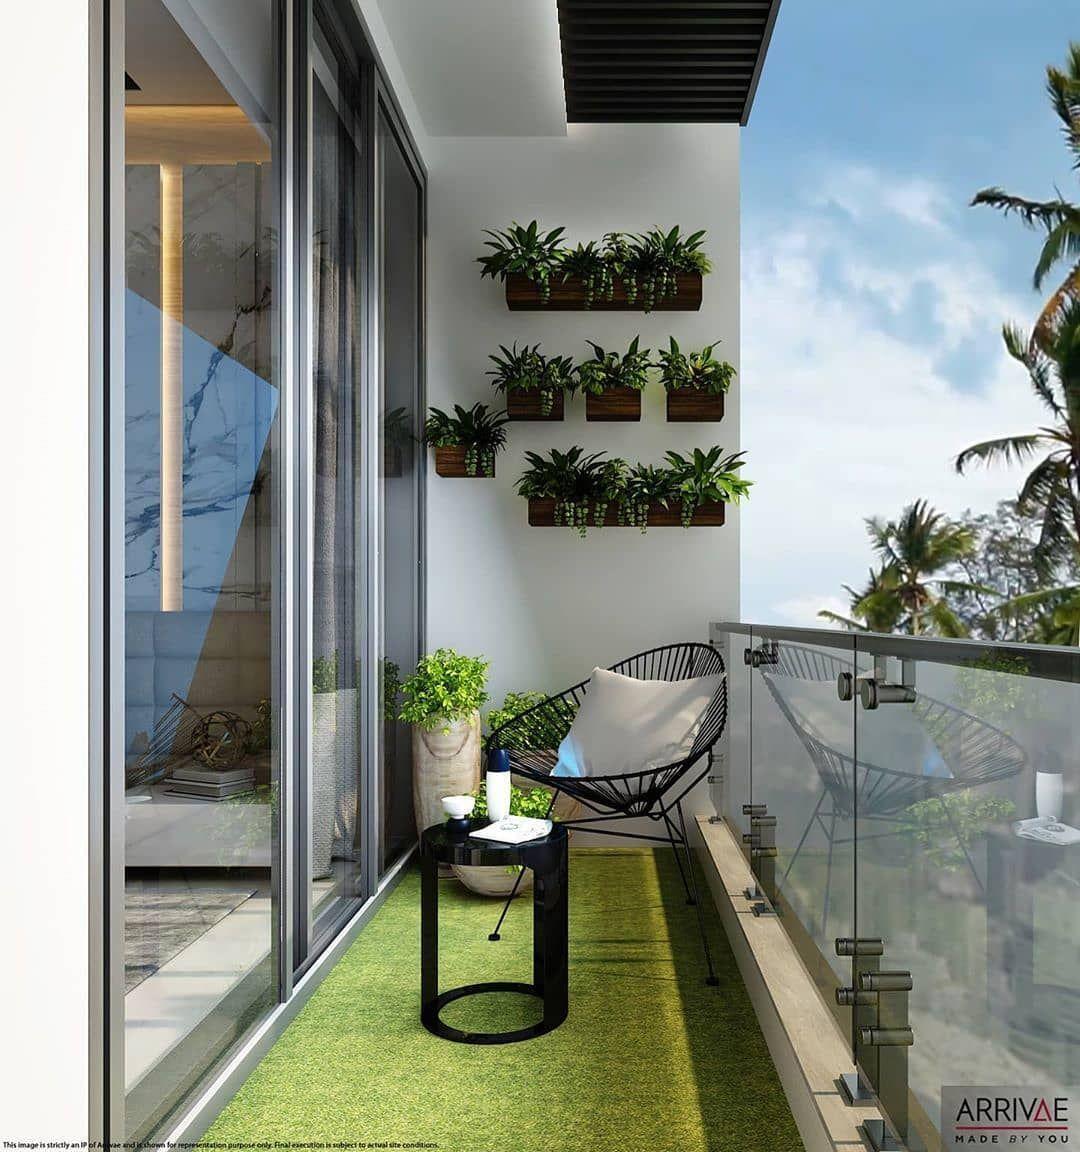 Photo of Hübsche Balkonhäuser … 😍👍. Hoffentlich wird es inspirierend … 😘 Check @ around. Home für mehr 👍